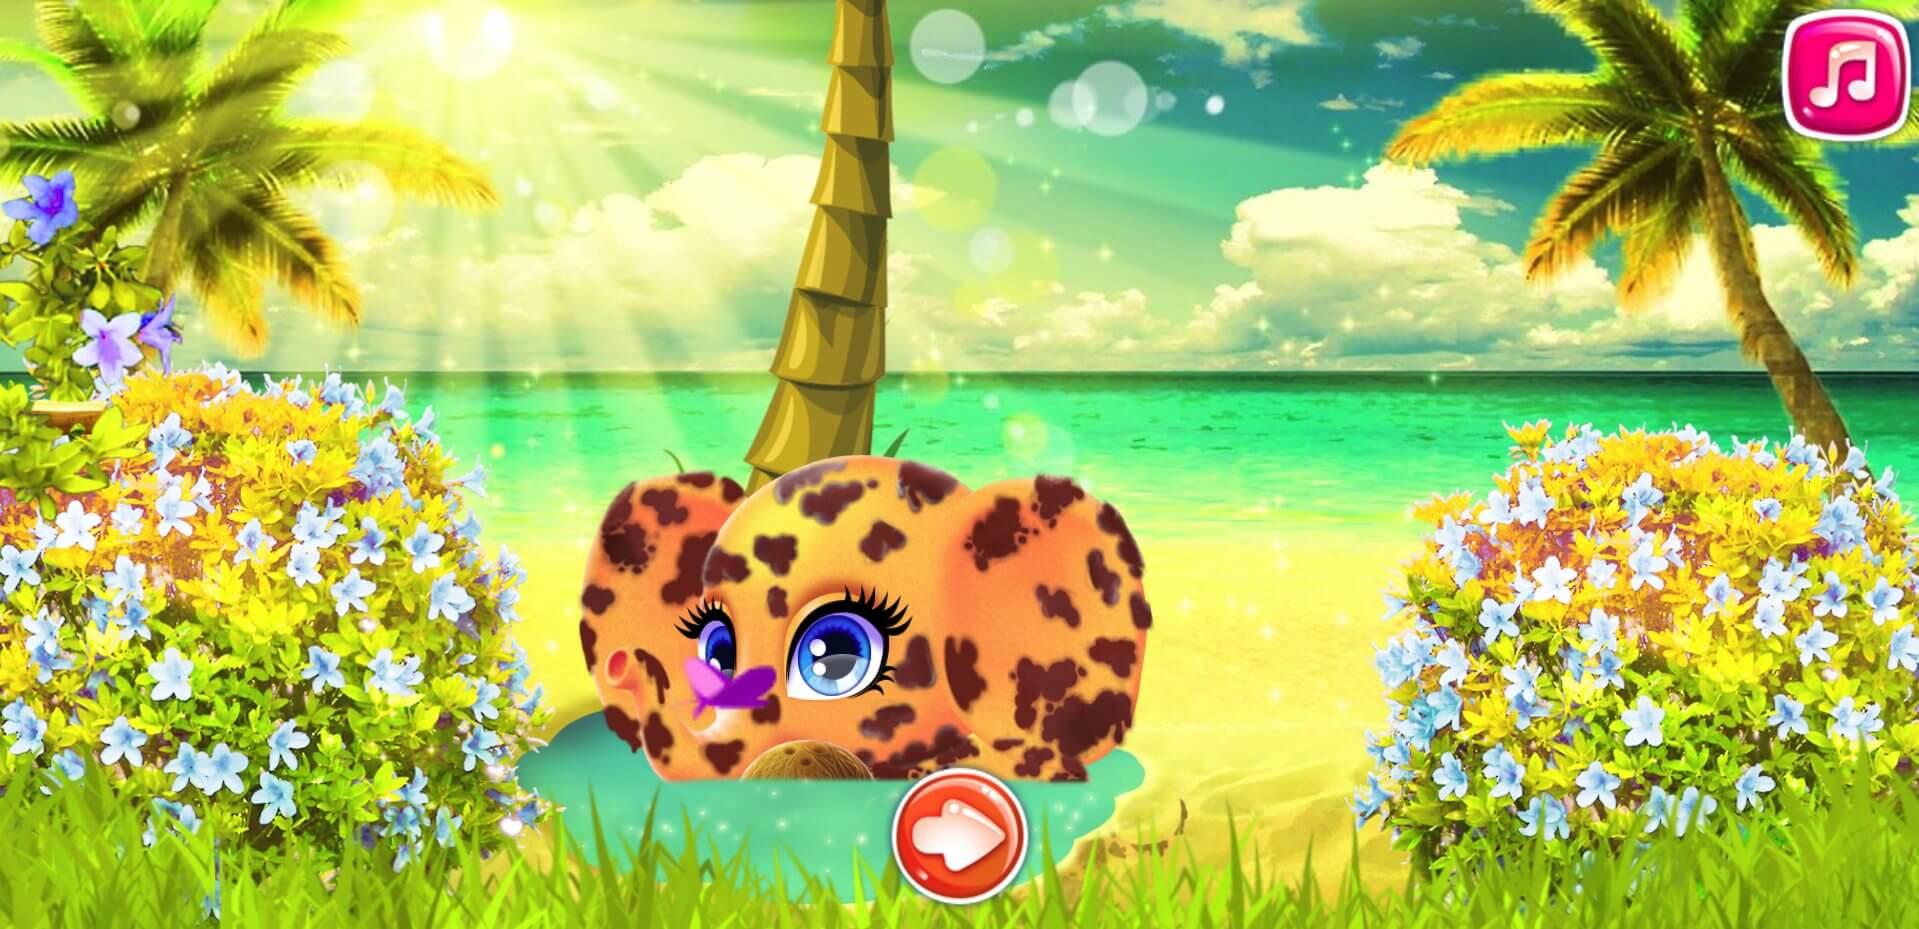 راهنمای بازی آنلاین فیل خوشحال